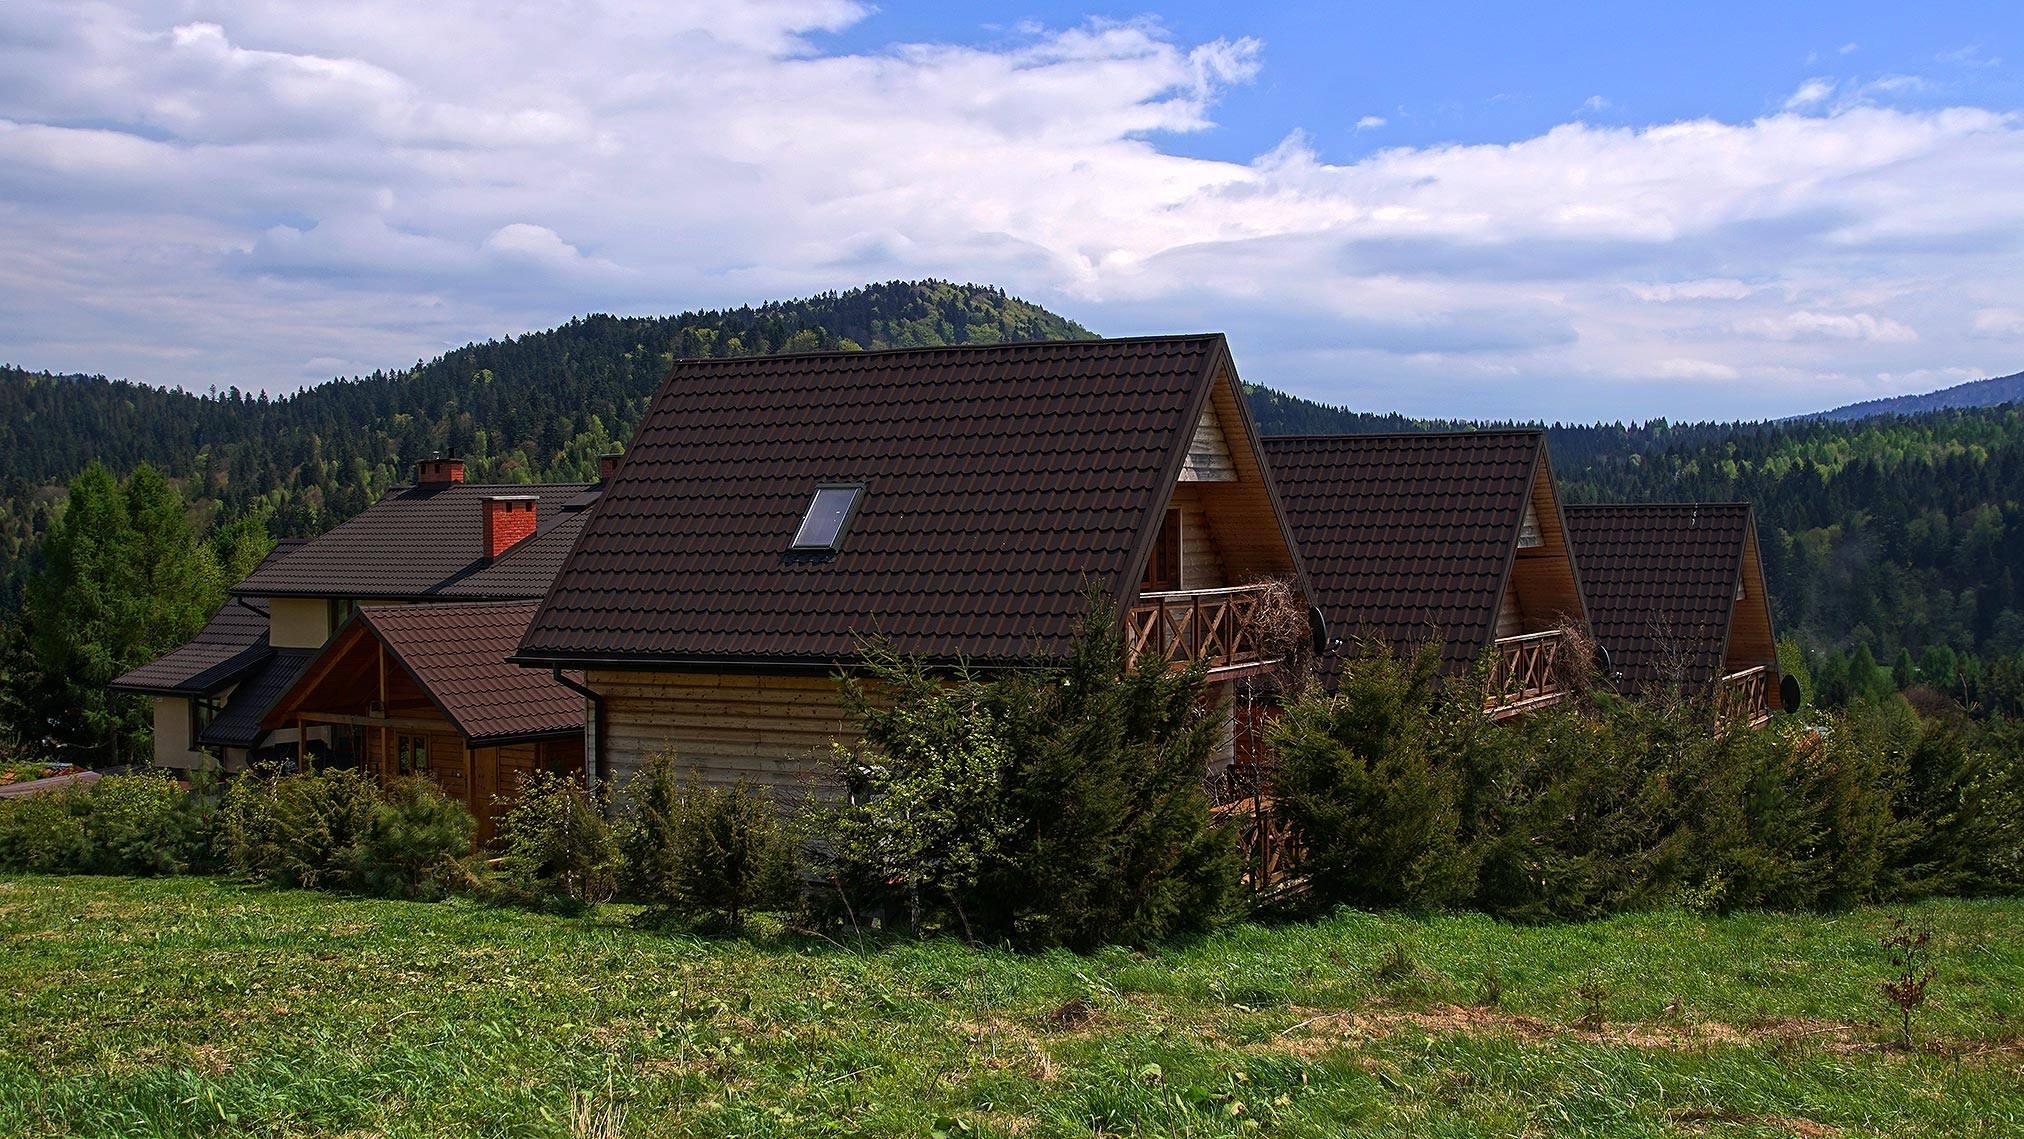 Domki Jeleni Skok Cisna, noclegi w Bieszczadach